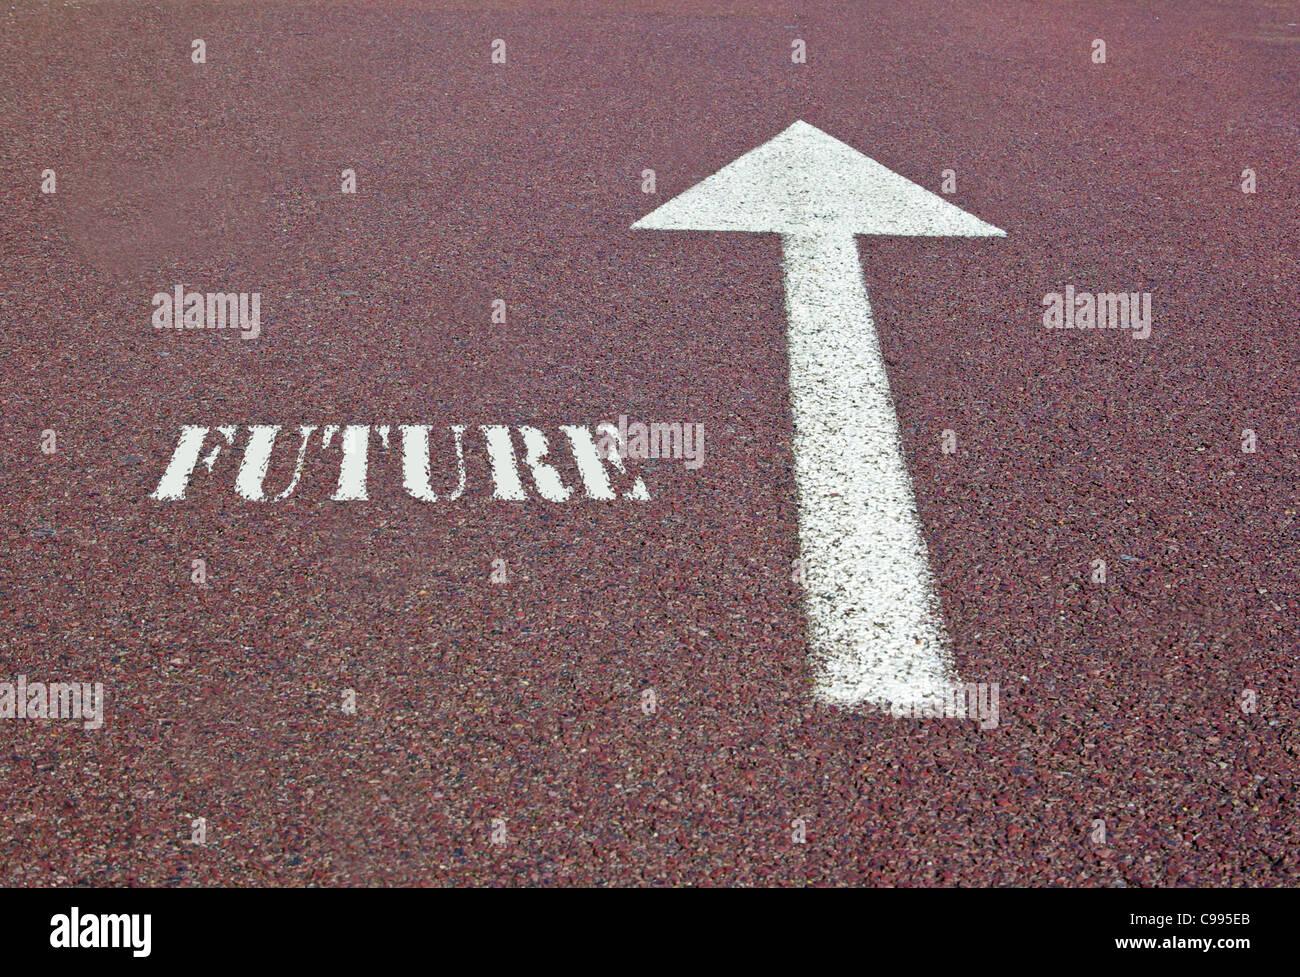 Una freccia su asfalto che mostra la direzione futura Immagini Stock